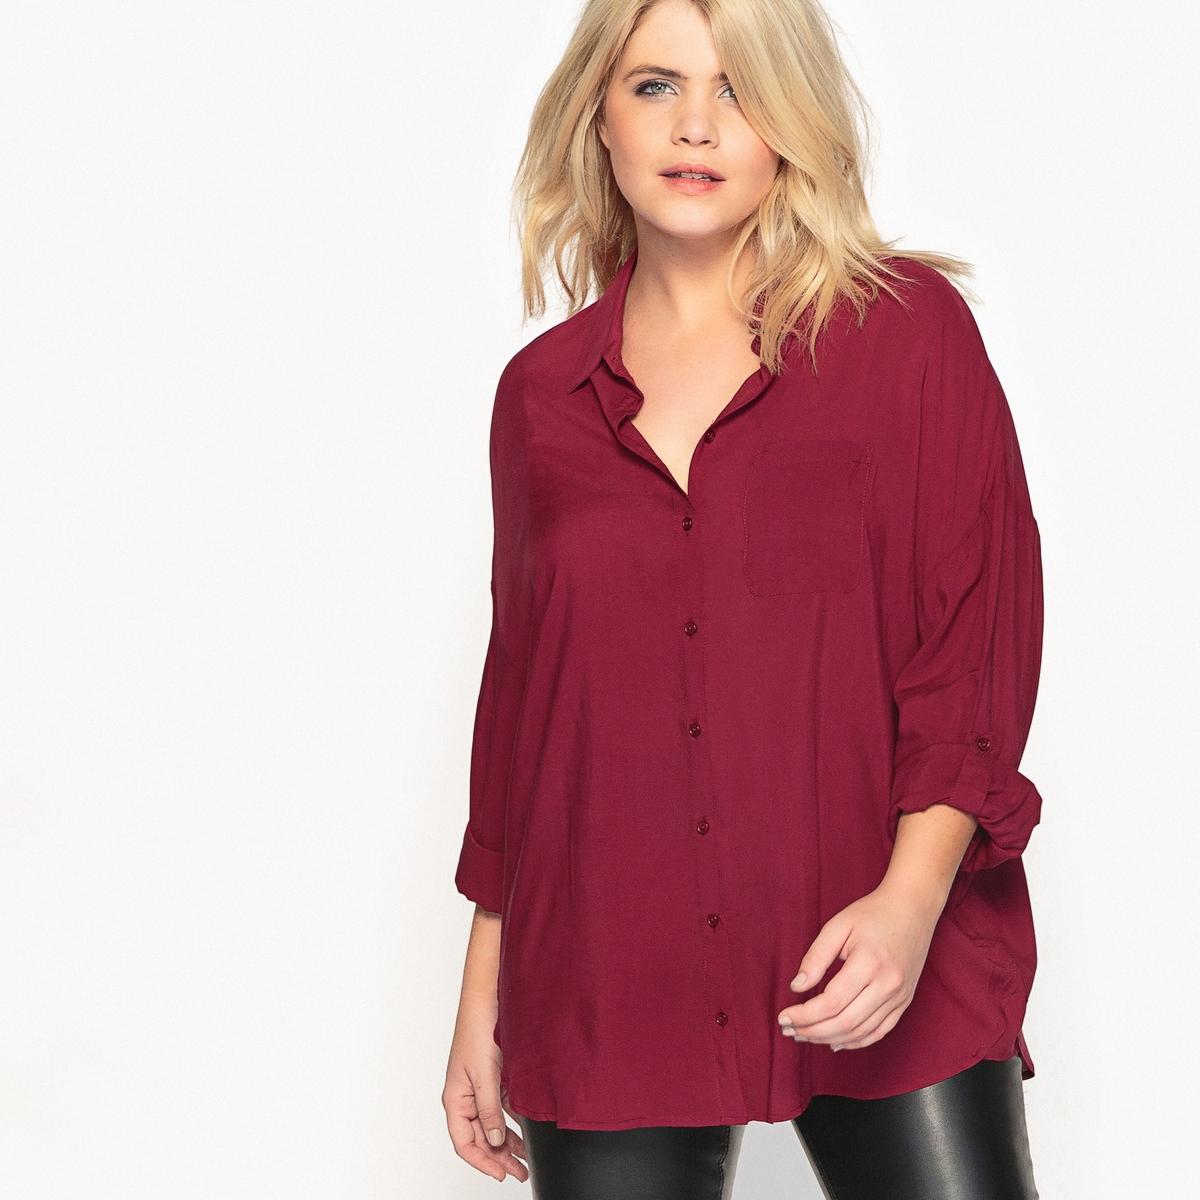 Рубашка струящаяся с закатывающимися рукавамиВам понравится эта длинная рубашка. Идеально смотрится с леггинсами. Рубашка с длинными рукавами - базовый предмет женского гардероба.Детали •  Длинные рукава •  Прямой покрой  •  Воротник-поло, рубашечный Состав и уход •  100% вискоза  •  Температура стирки 30° на деликатном режиме   •  Сухая чистка и отбеливание запрещены •  Не использовать барабанную сушку   •  Низкая температура глажкиТовар из коллекции больших размеров<br><br>Цвет: вишневый,слоновая кость,черный<br>Размер: 56 (FR) - 62 (RUS).52 (FR) - 58 (RUS).46 (FR) - 52 (RUS).50 (FR) - 56 (RUS).62 (FR) - 68 (RUS).56 (FR) - 62 (RUS).48 (FR) - 54 (RUS)